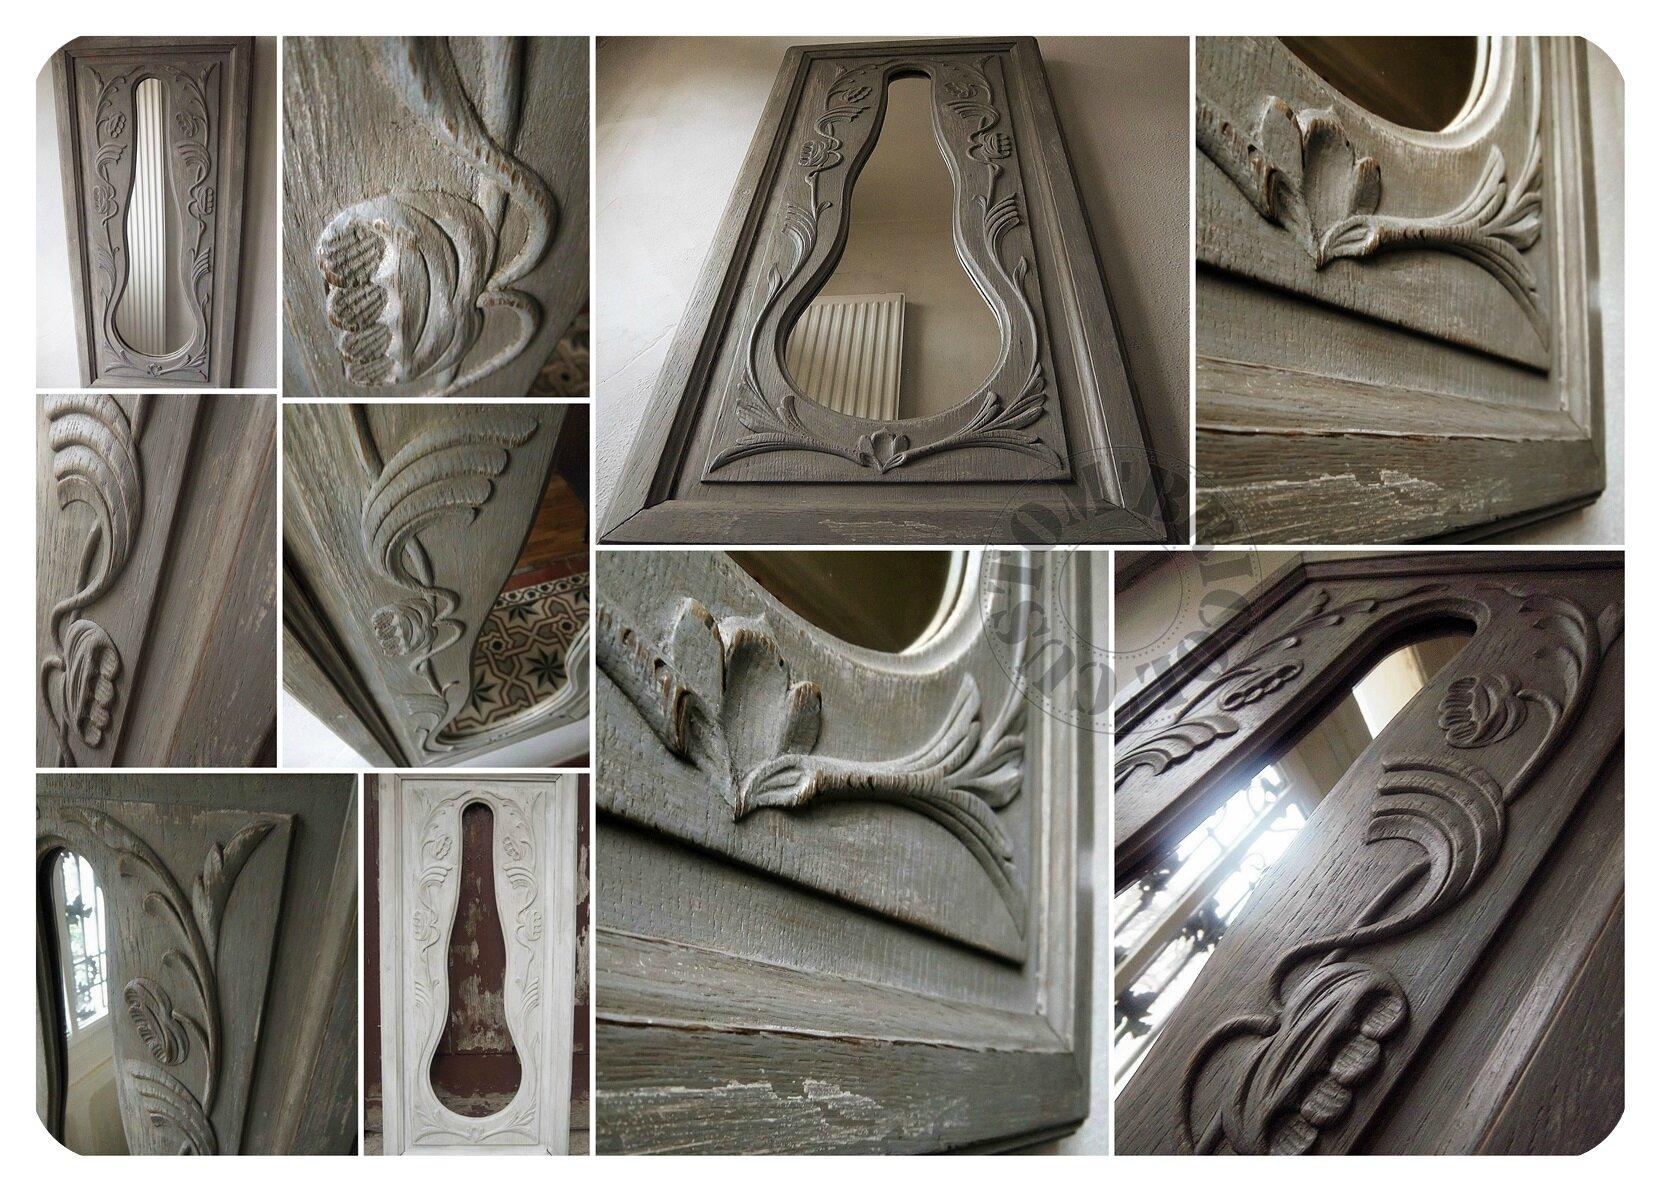 Miroir facade comtoise- montage